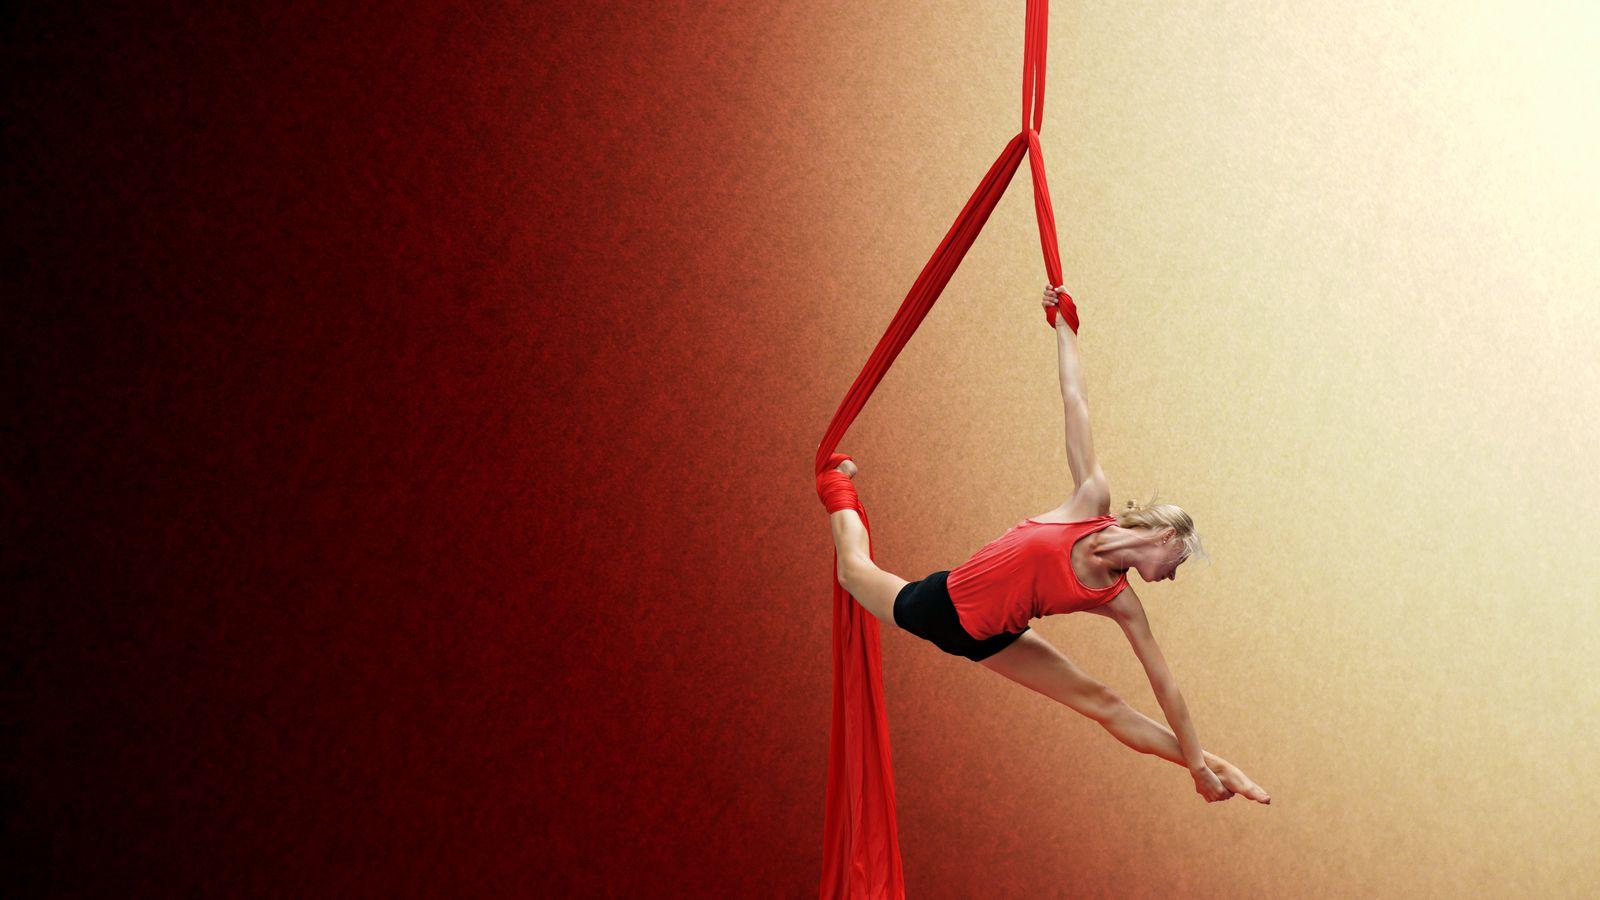 Ella s'entraine au tissu aérien au gymnase d'Overground Circus à Lyon 5e. La circassienne fait une figure en forme de triangle en dégradé de jeune et rouge.